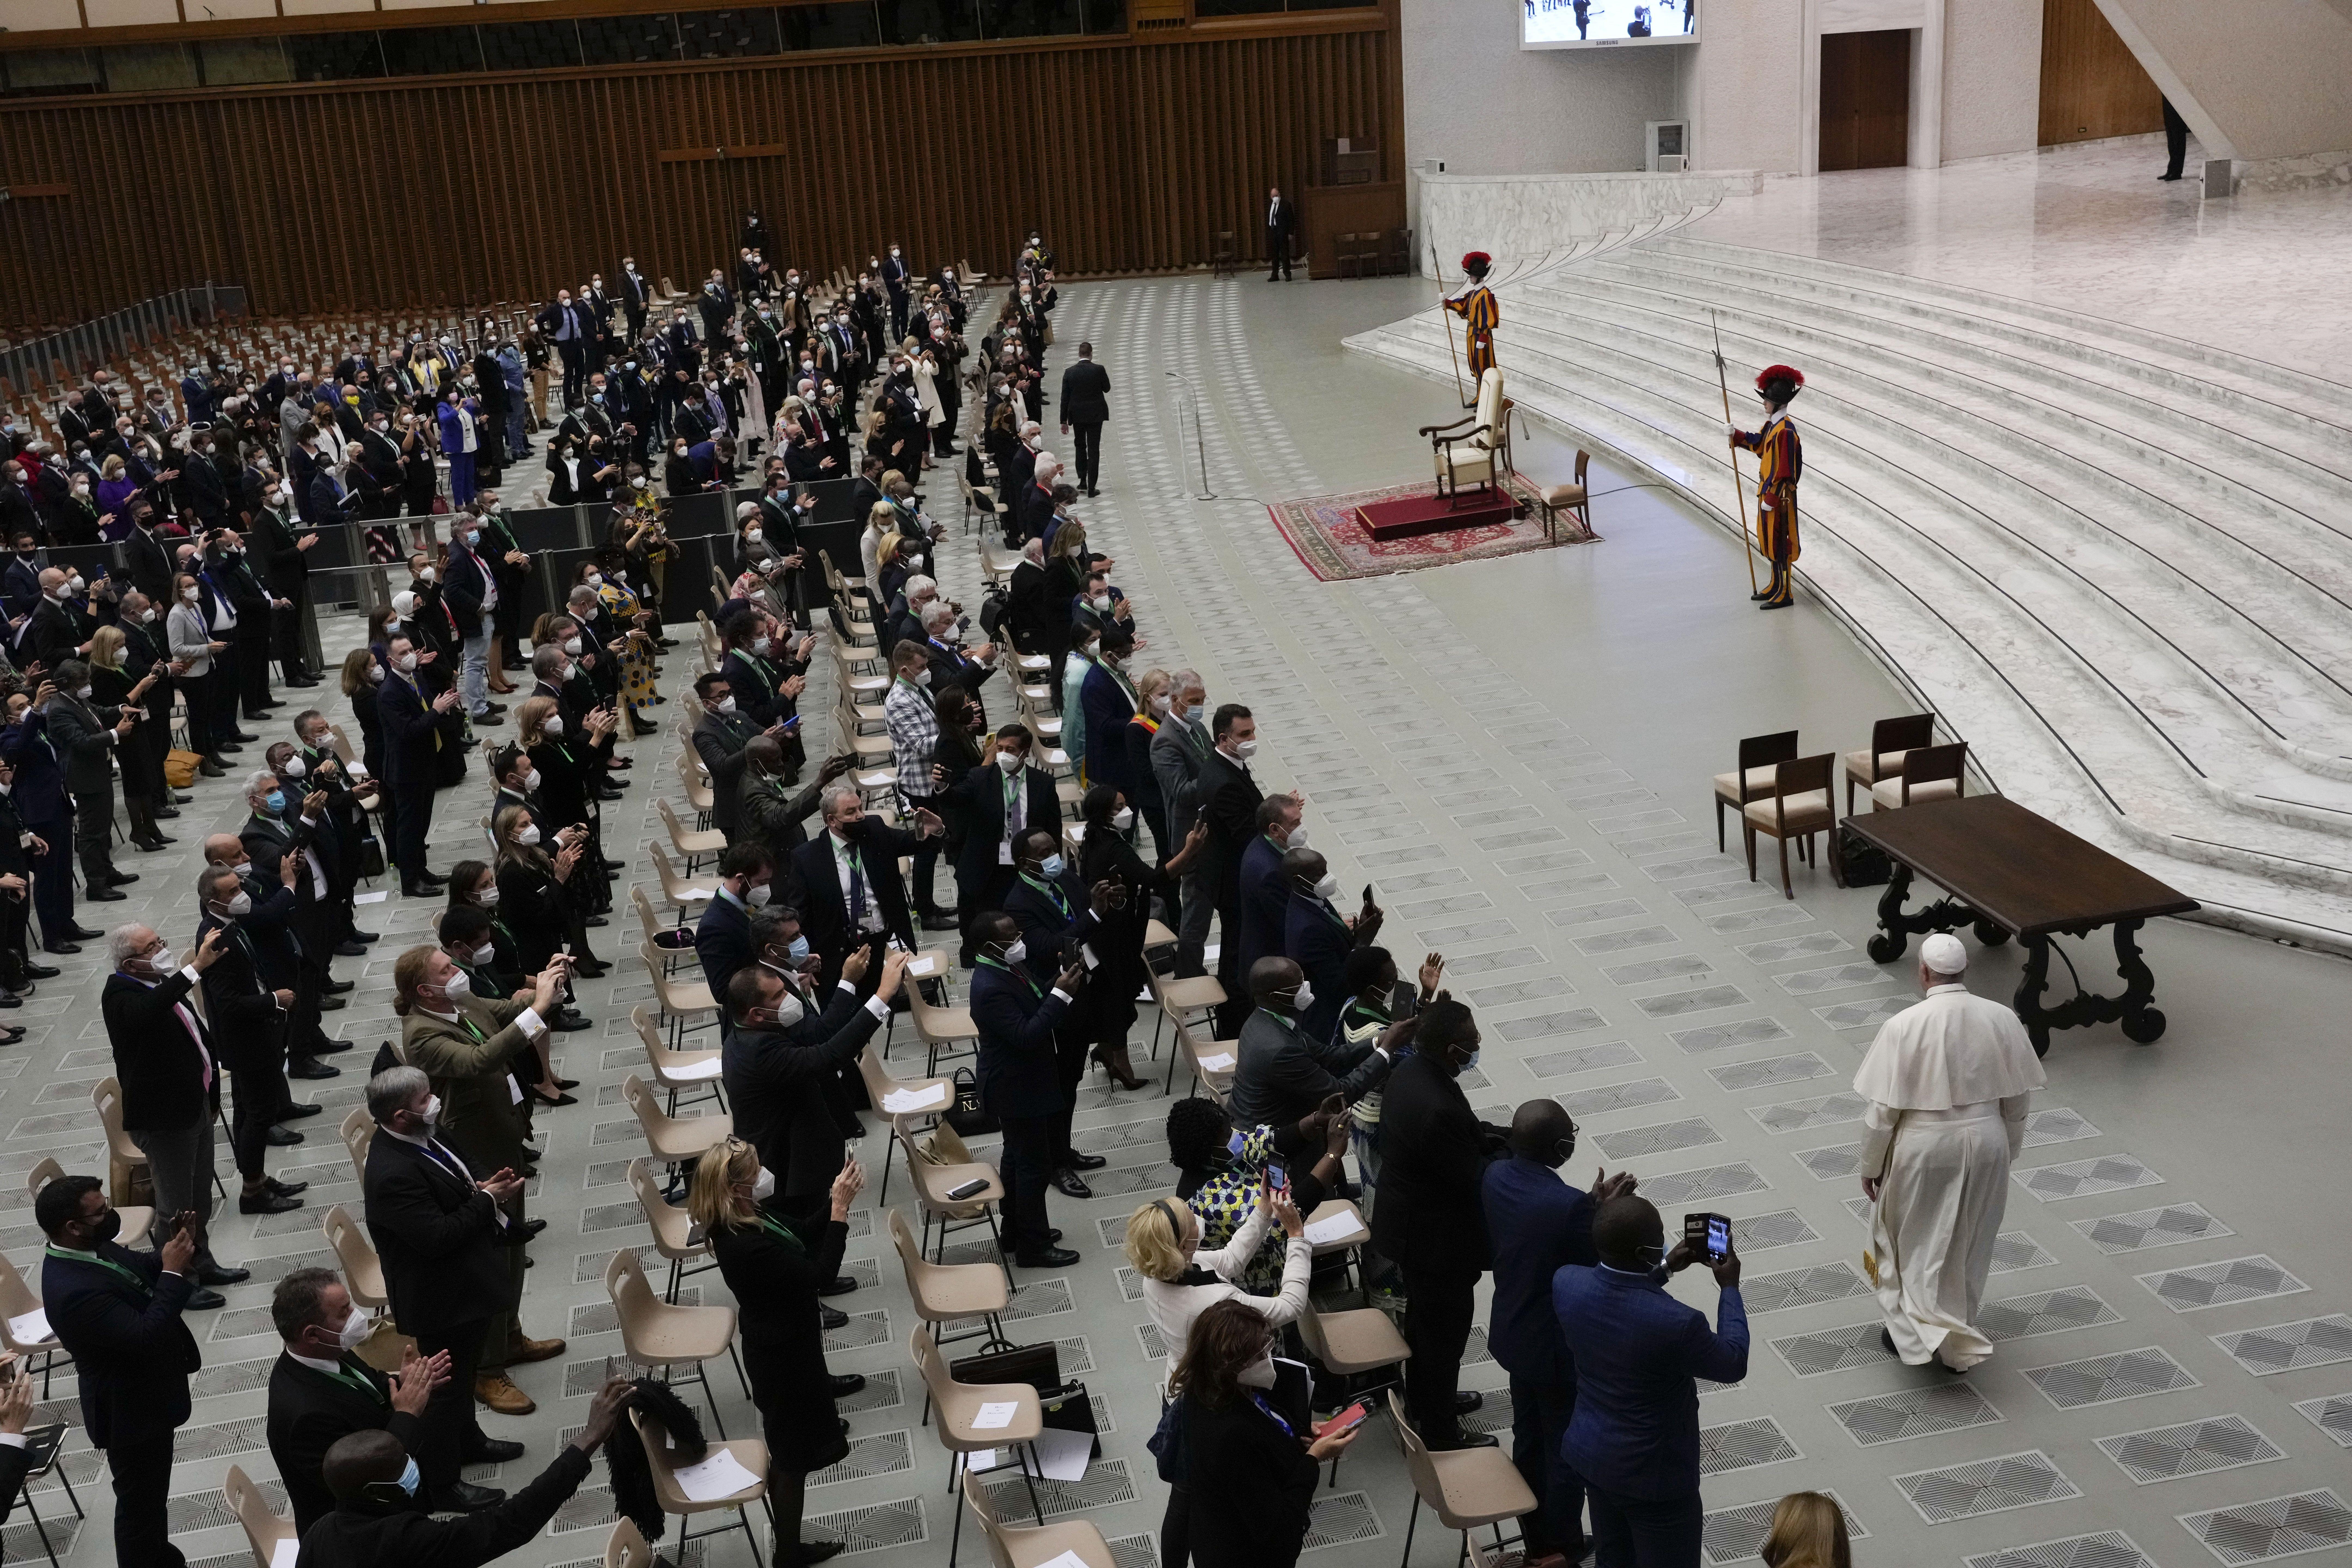 papa al mundo: el cambio climatico requiere consenso rapido